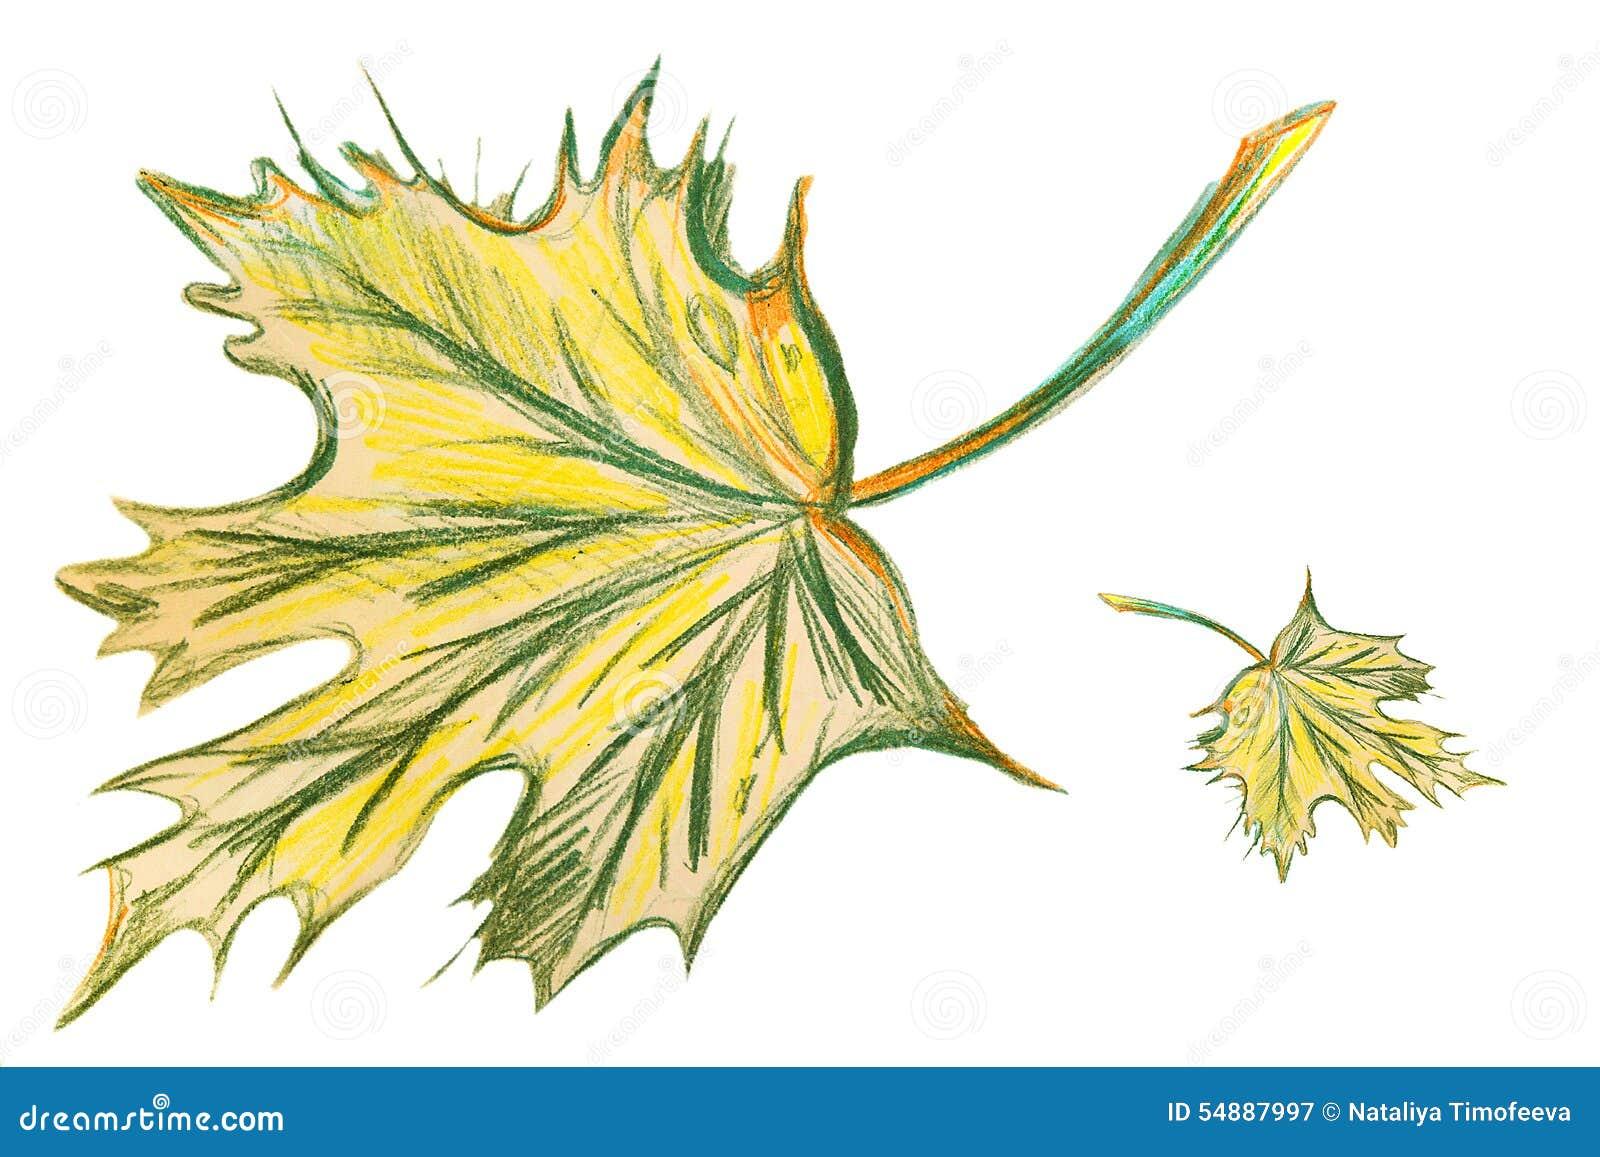 dessin de feuille d rable verte